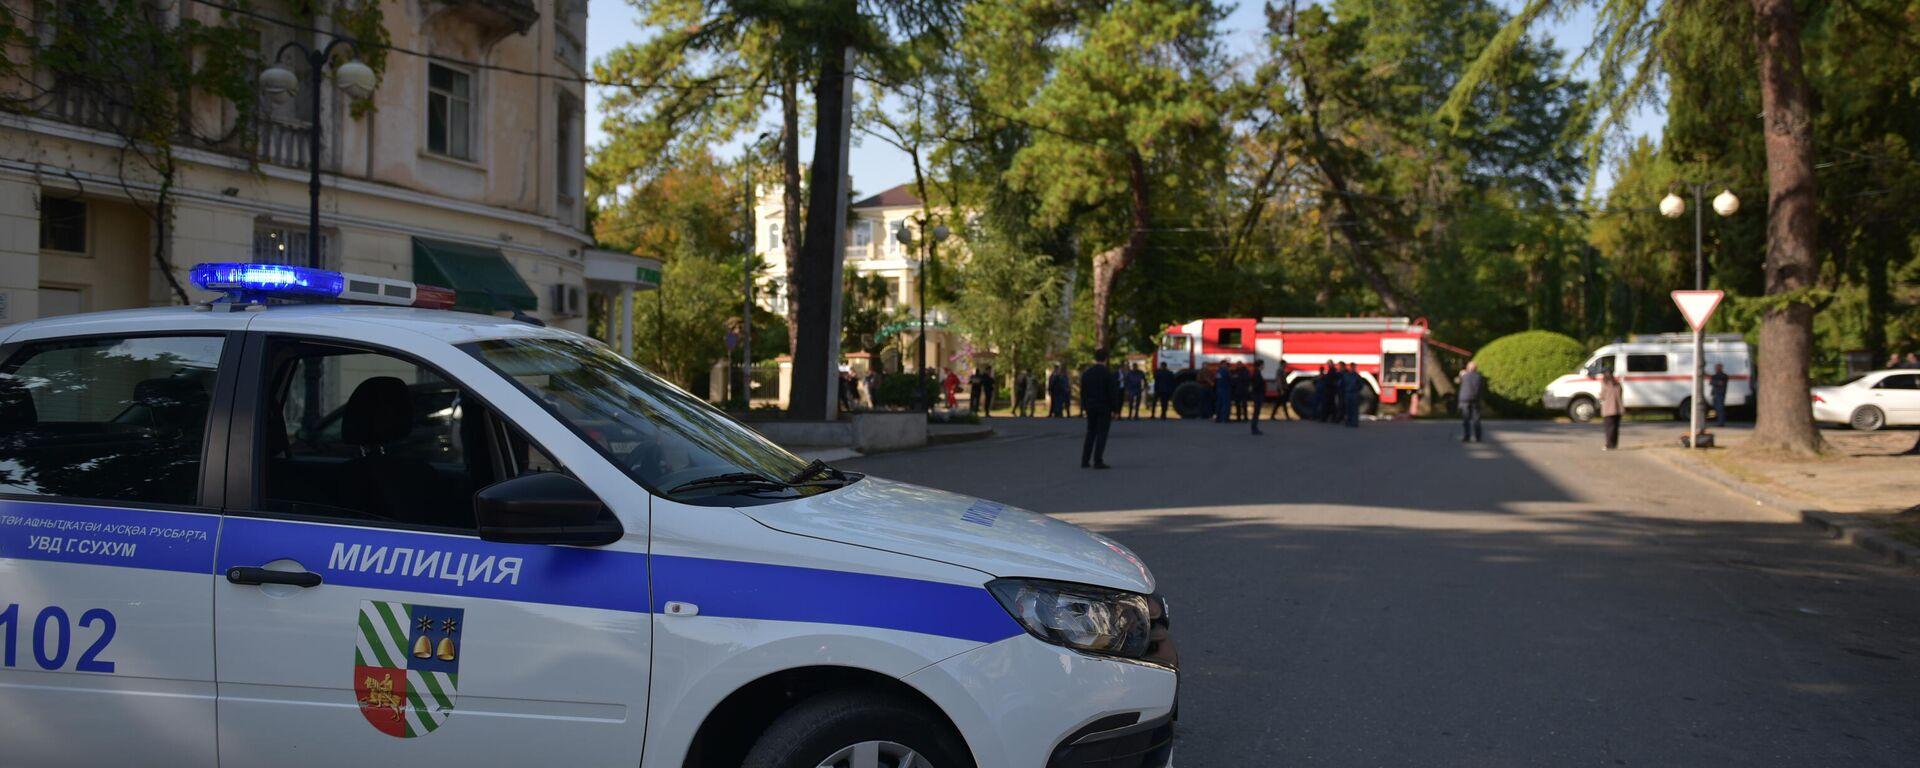 Гарант-Банк в Сухуме окружили сотрудники правоохранительных органов - Sputnik Аҧсны, 1920, 13.10.2021